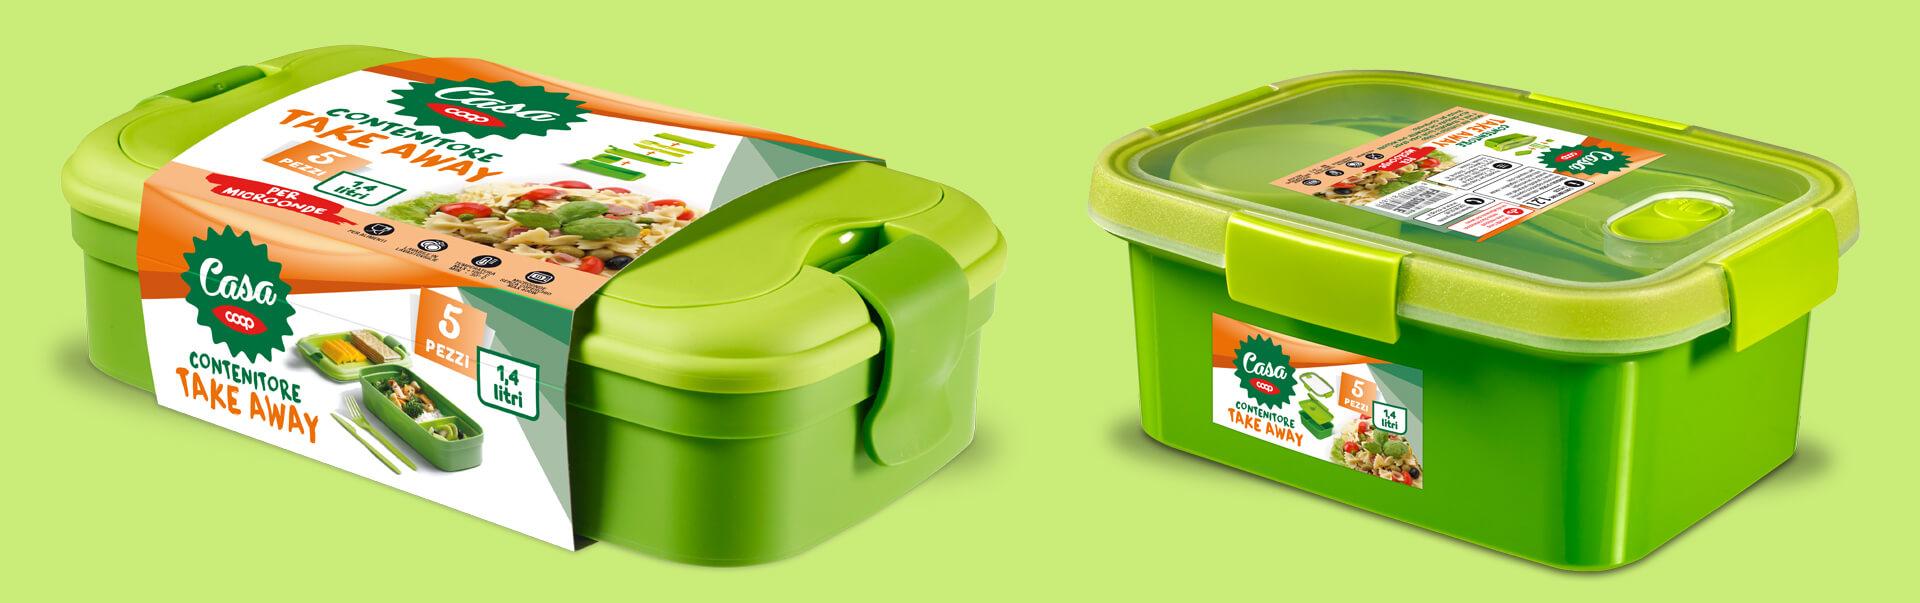 Coop Casa packaging by Start